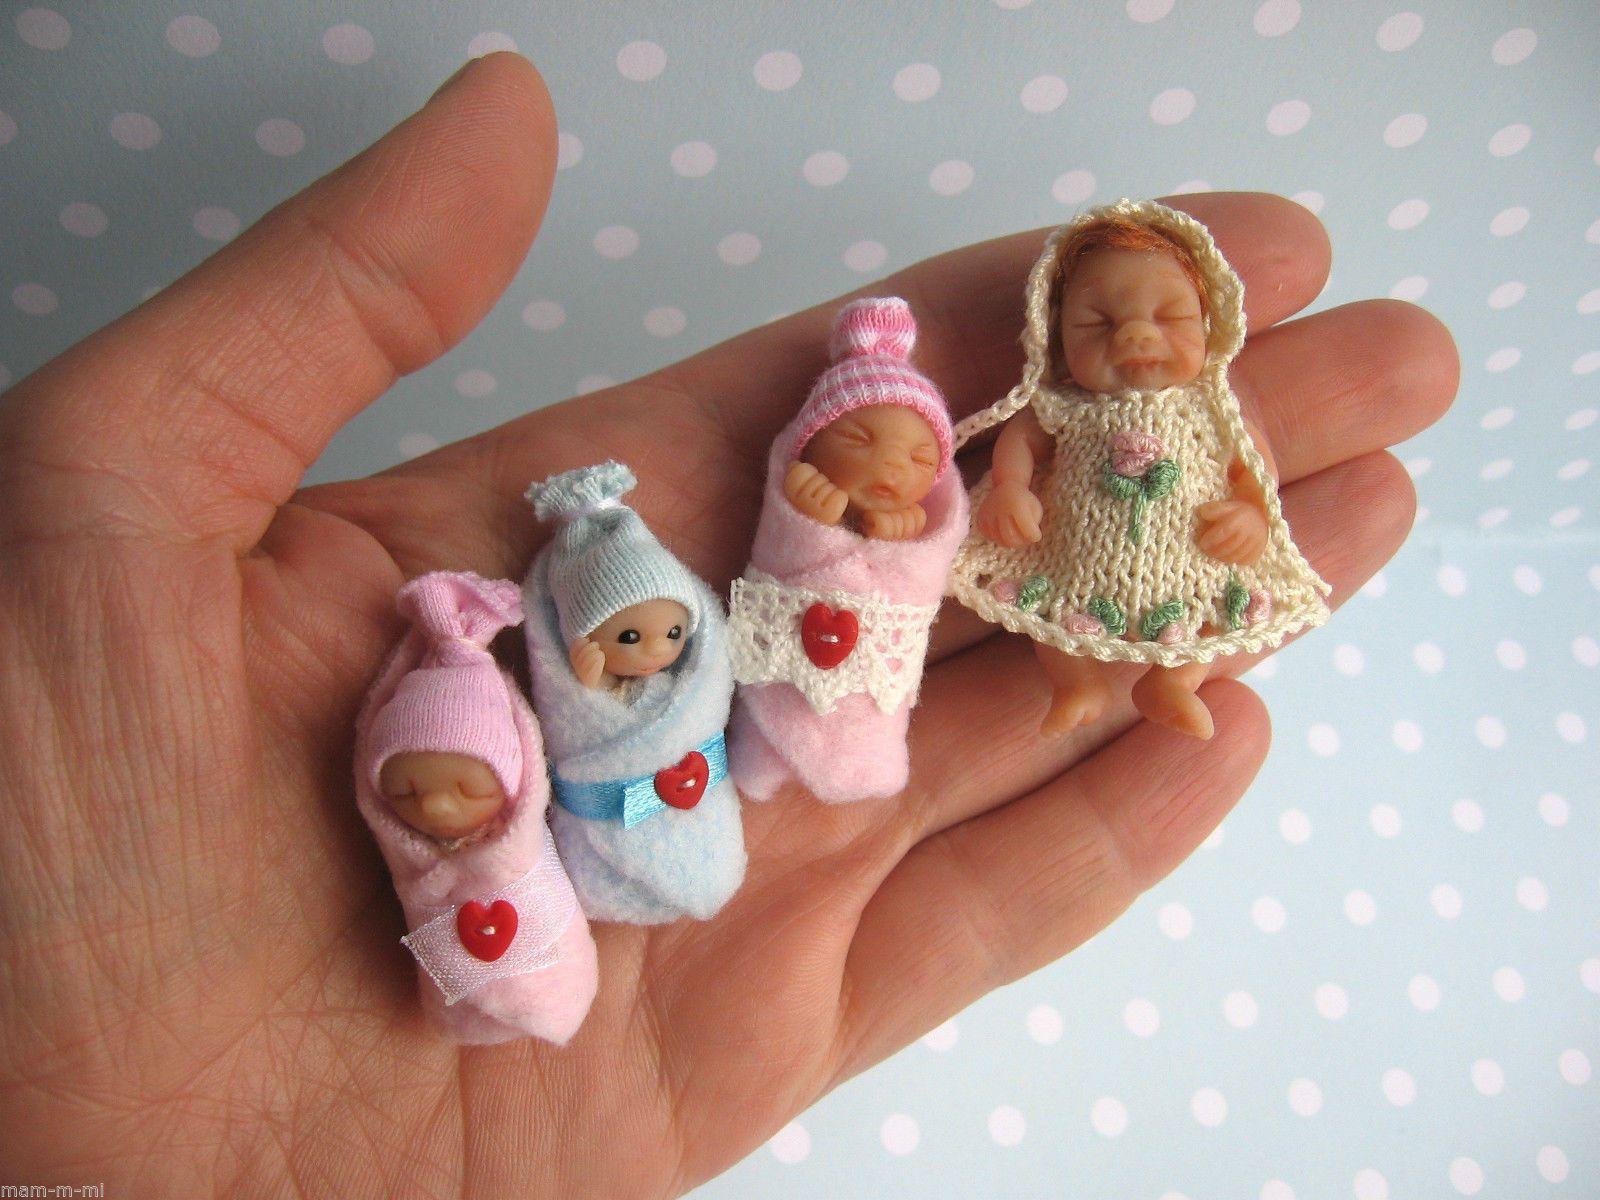 6cc533ddc Pin by Yuliya Y. ( mam-m-mi ) on Miniature Baby dolls by Yuliya Y ...